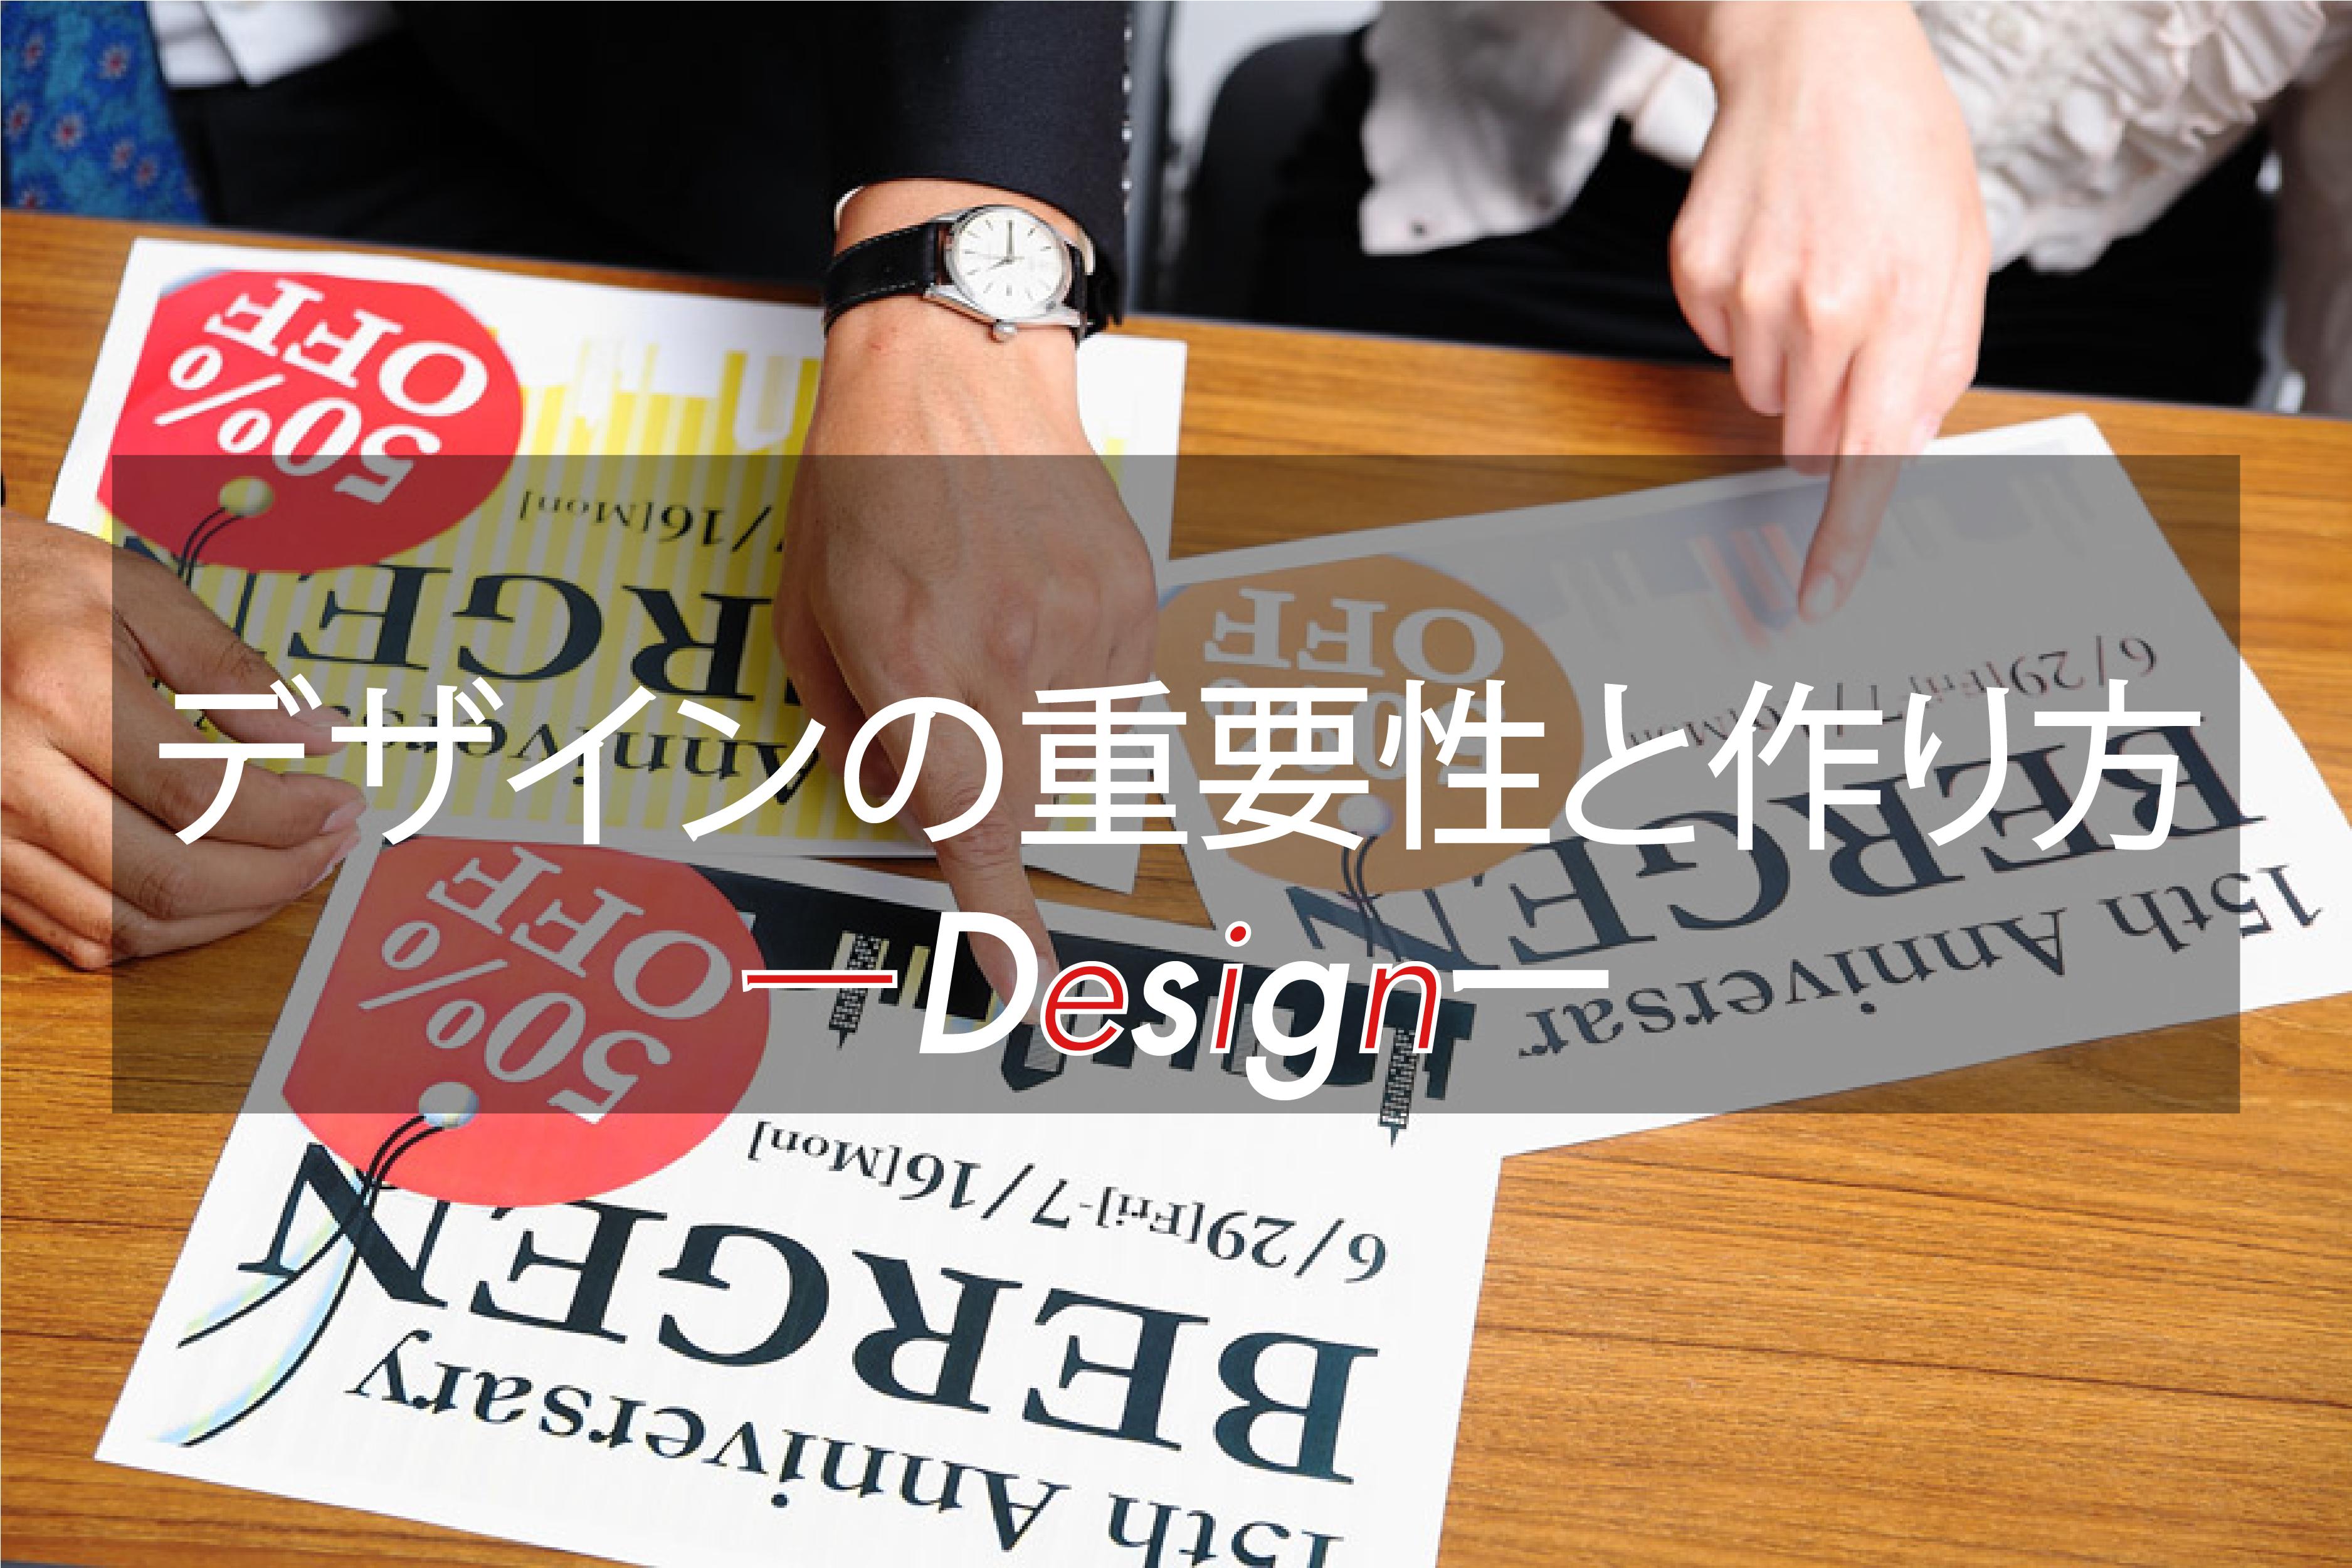 【飲食店のメニュー】デザインの重要性と作り方